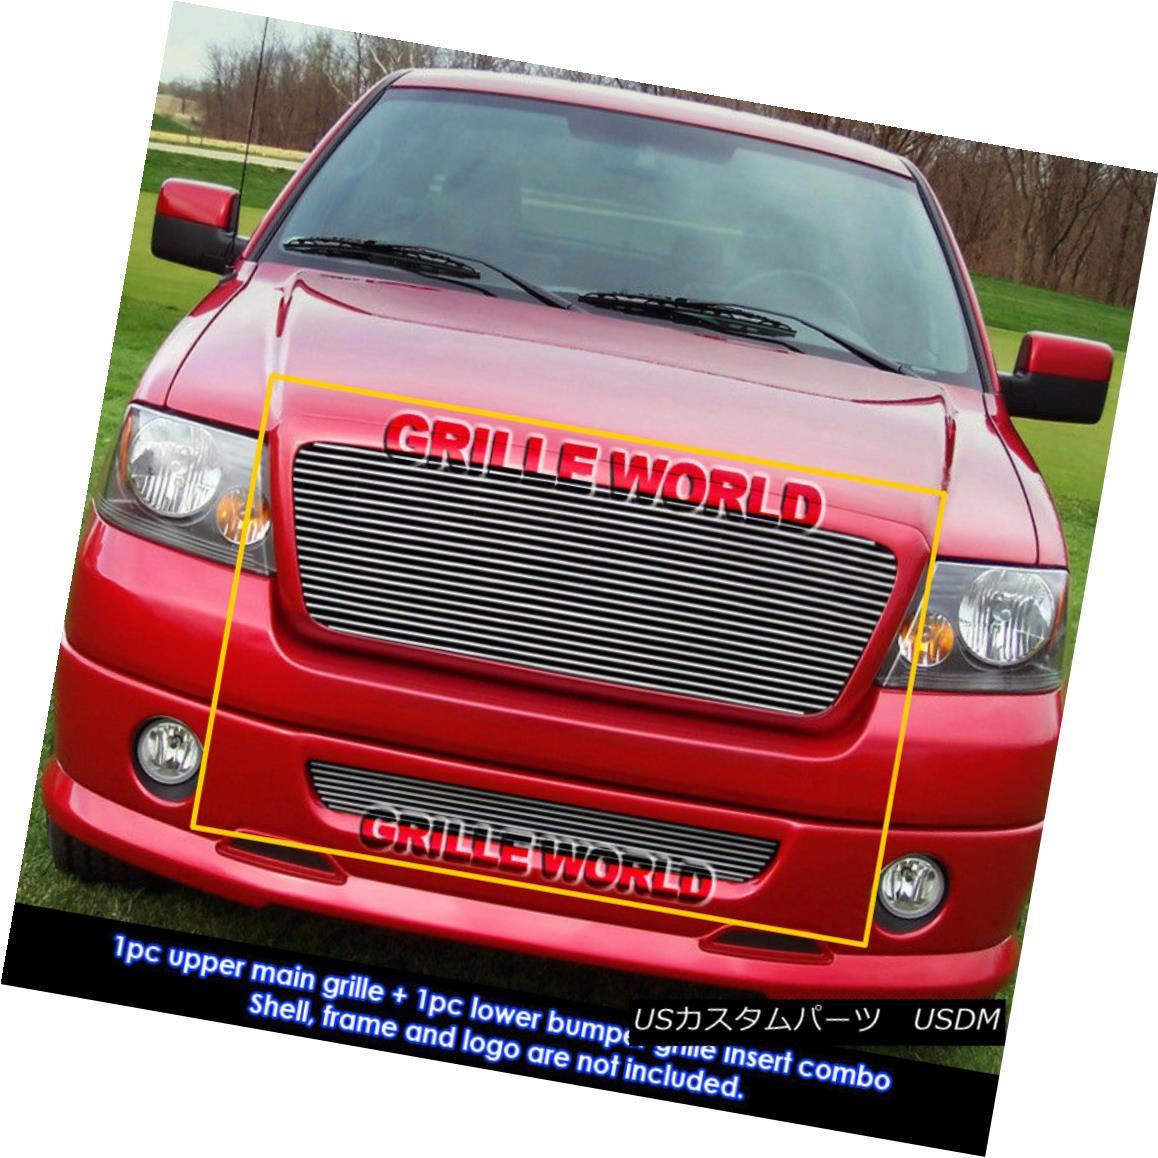 グリル For 06-08 Ford F-150 Billet Grille Insert Combo 06-08 Ford F-150ビレットグリルインサートコンボ用